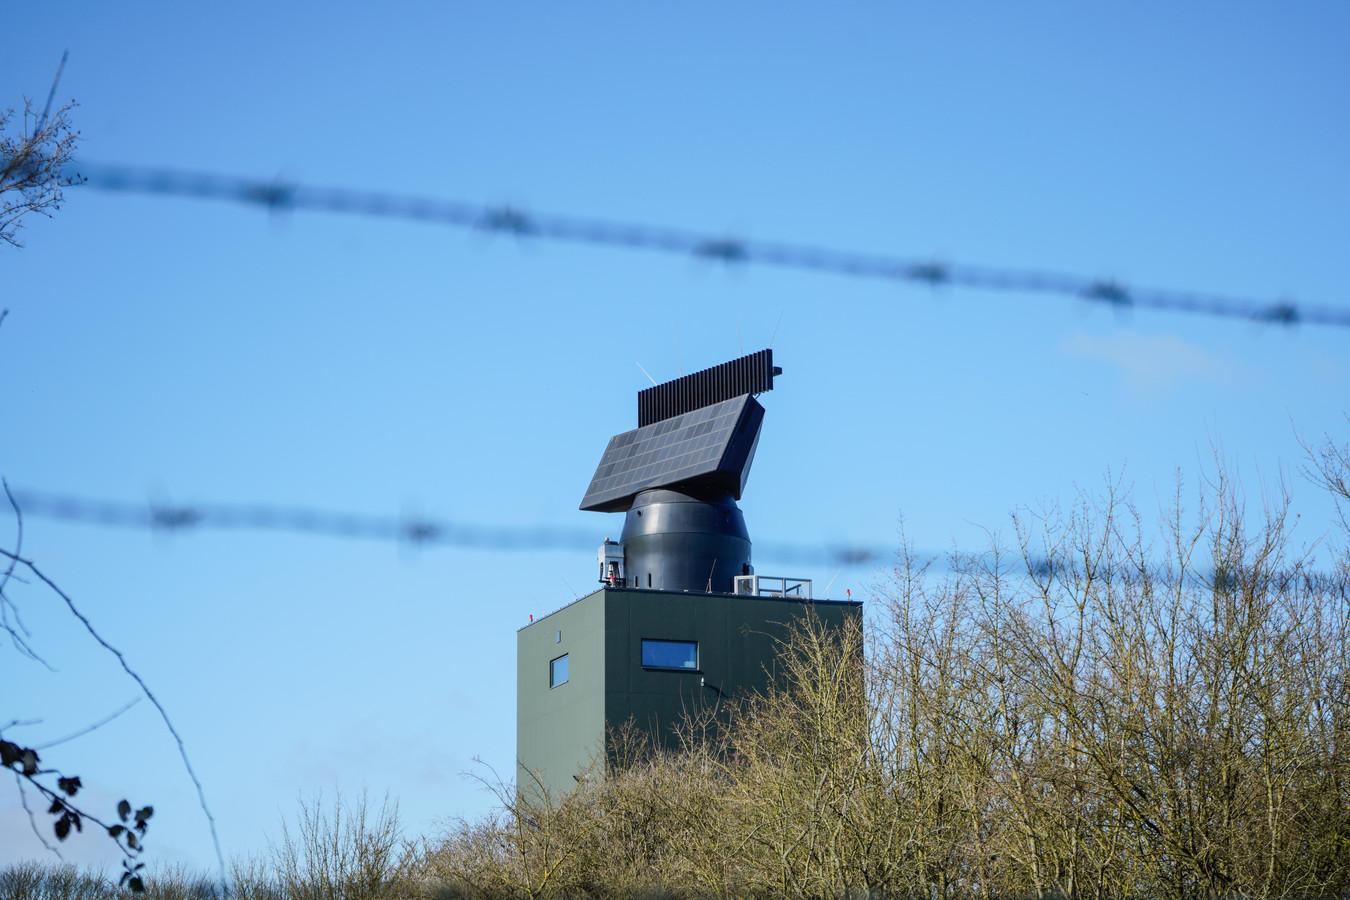 De Smart-L-radar van defensie bij het Friese Wier. Eenzelfde exemplaar moet ergens in het midden of zuiden van Nederland komen.